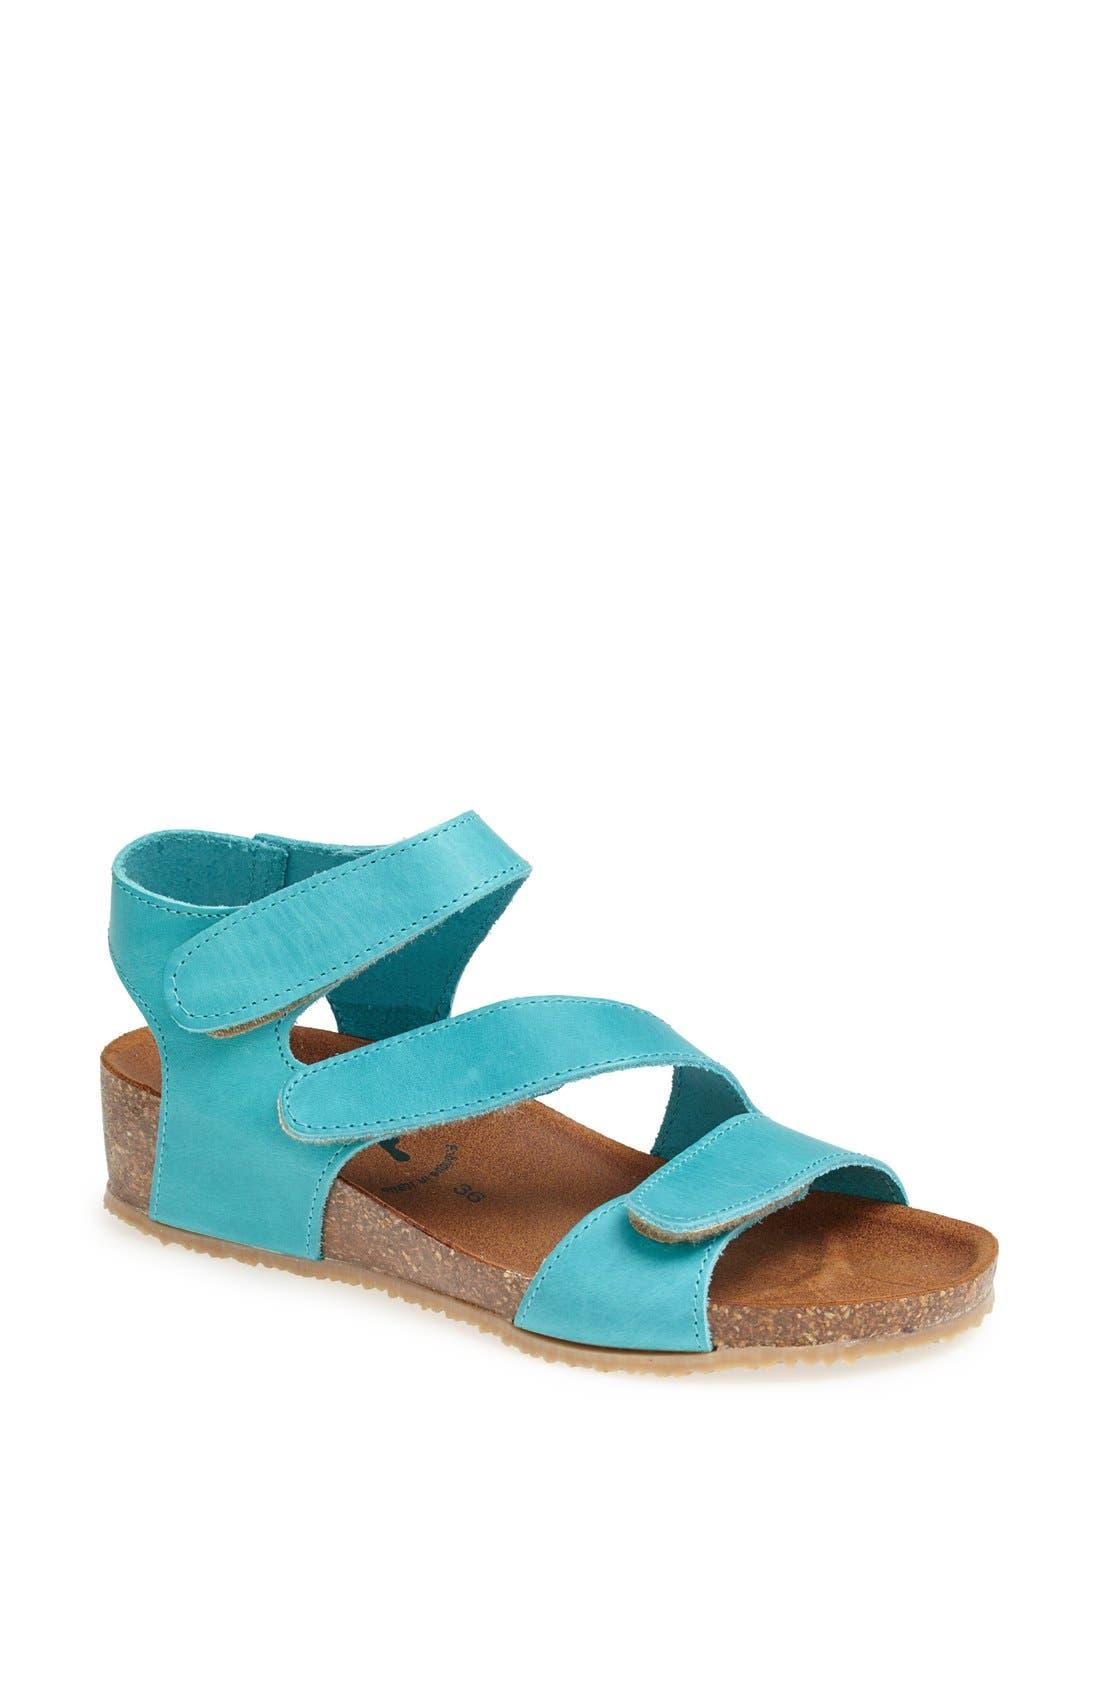 Main Image - BioNatura 'Milinna' Leather Sandal